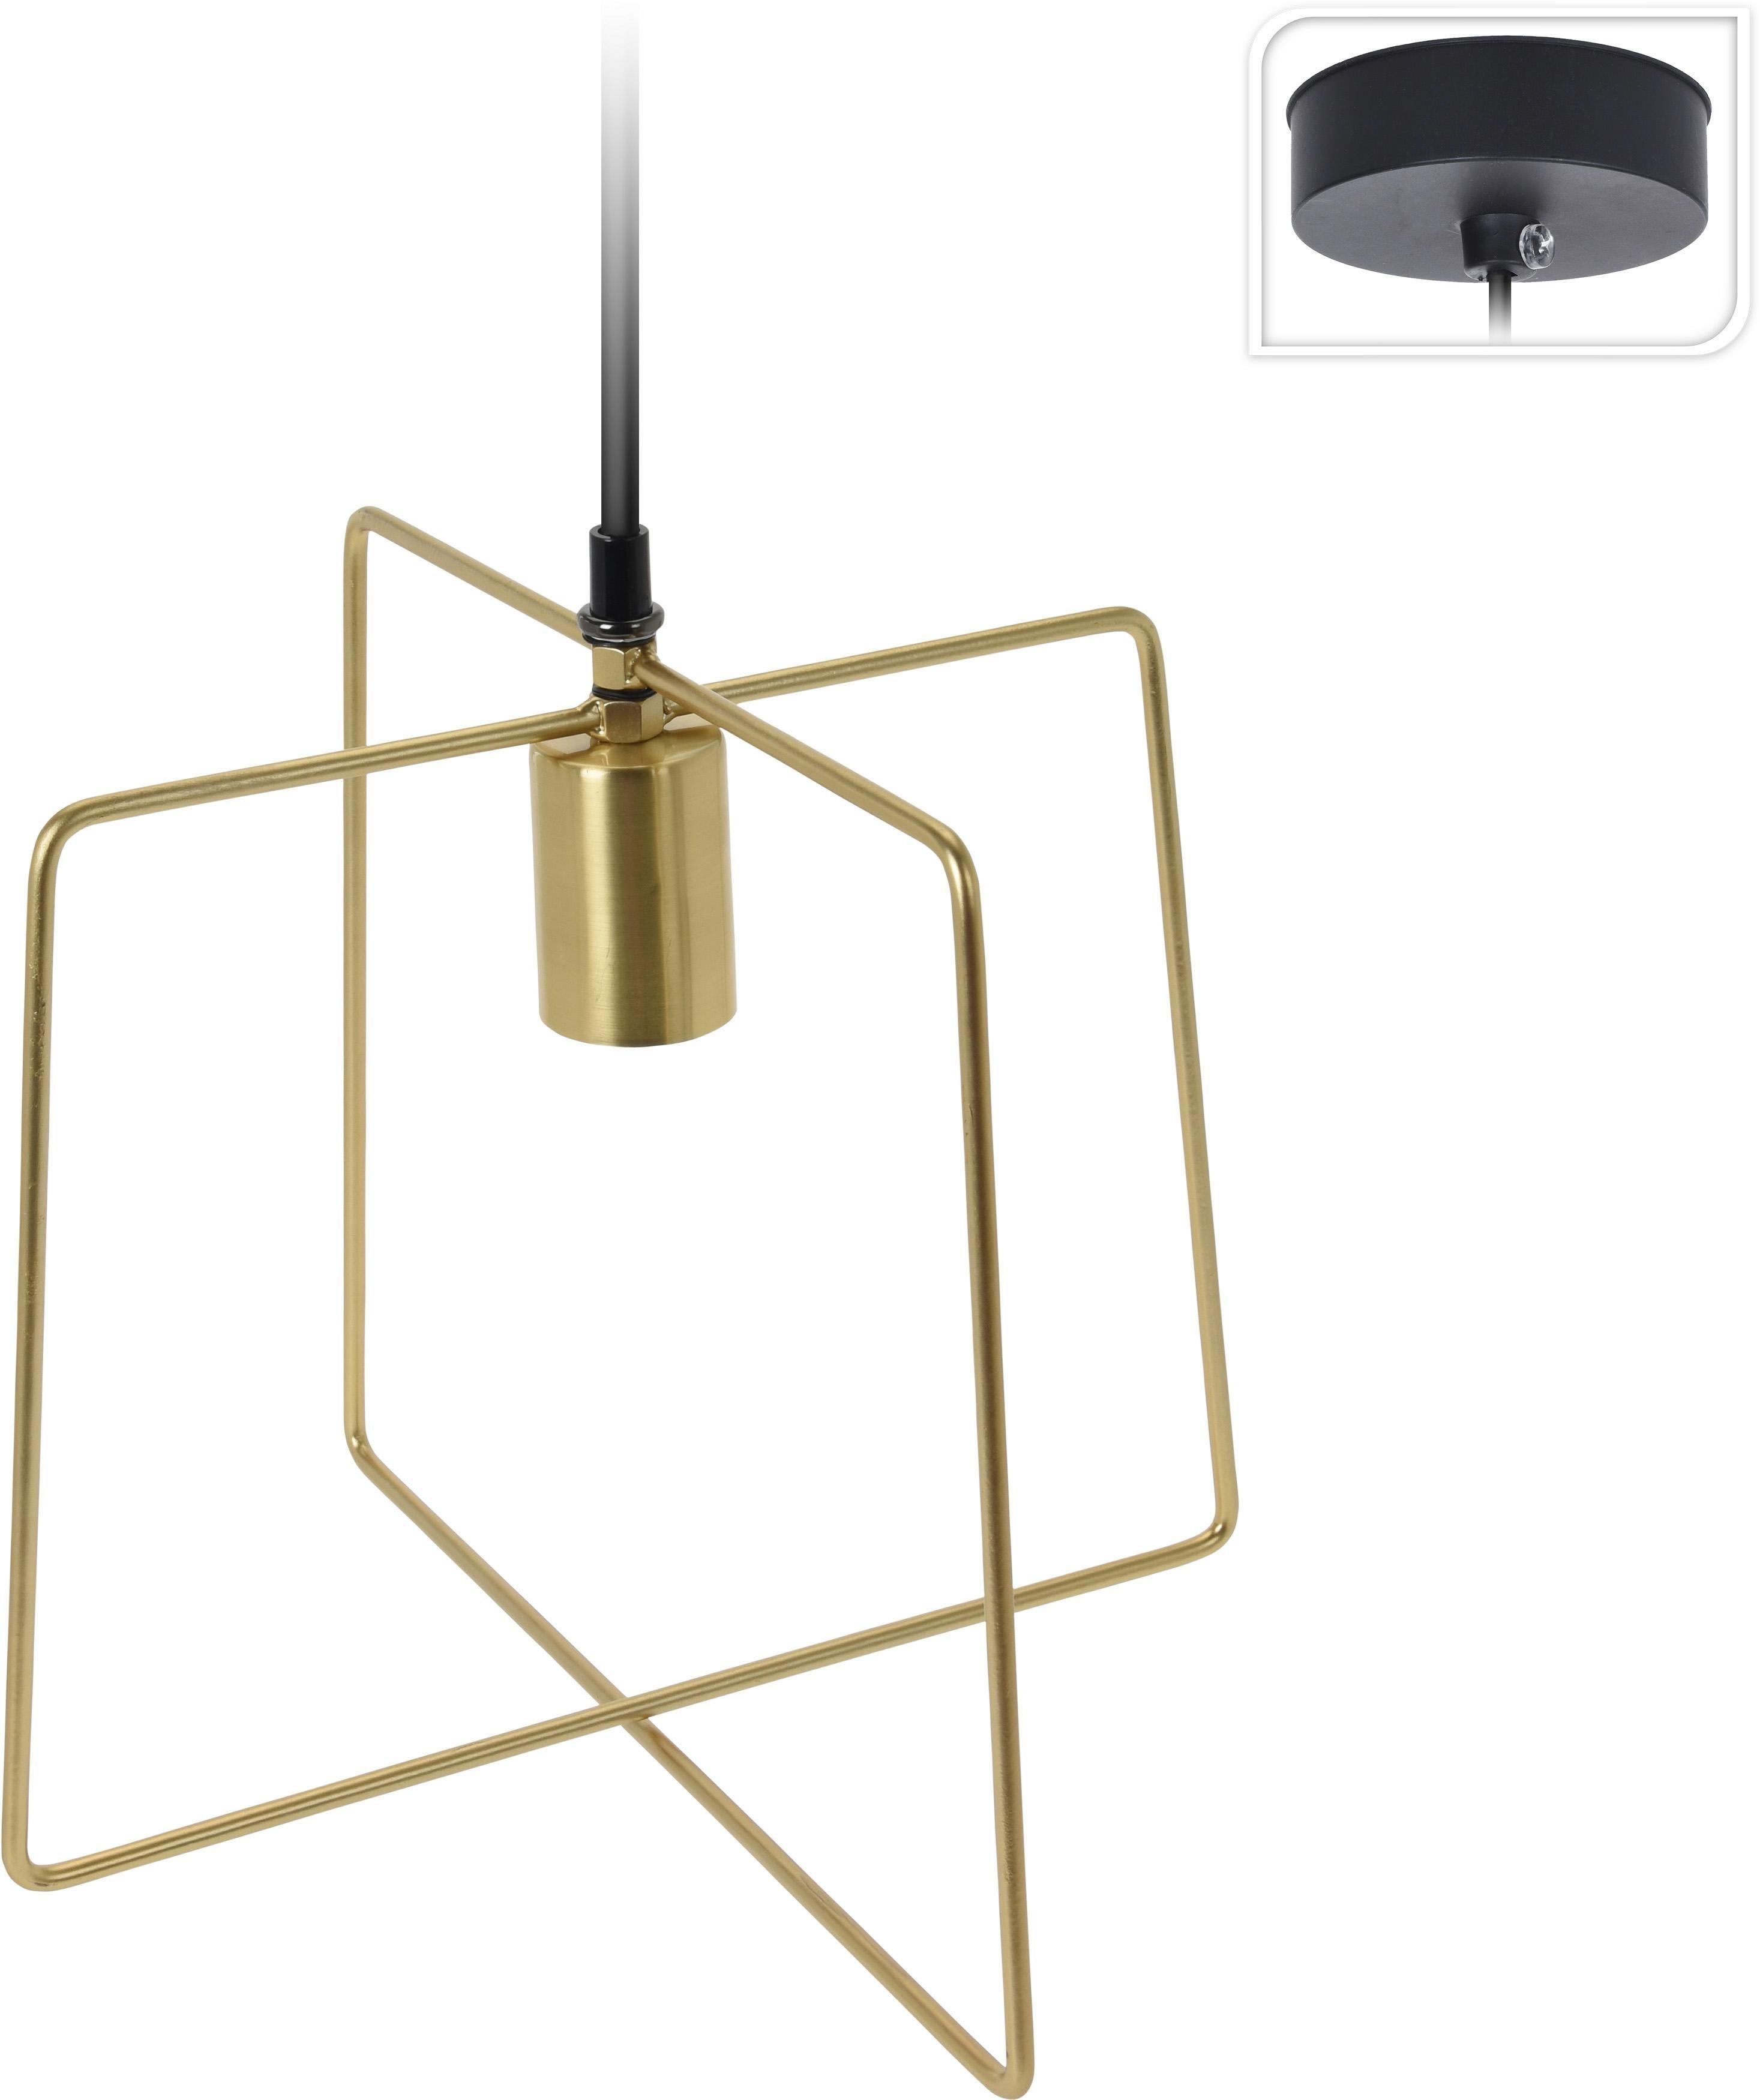 Lampa wisząca Gemo Intesi złota - zdjęcie nr 0